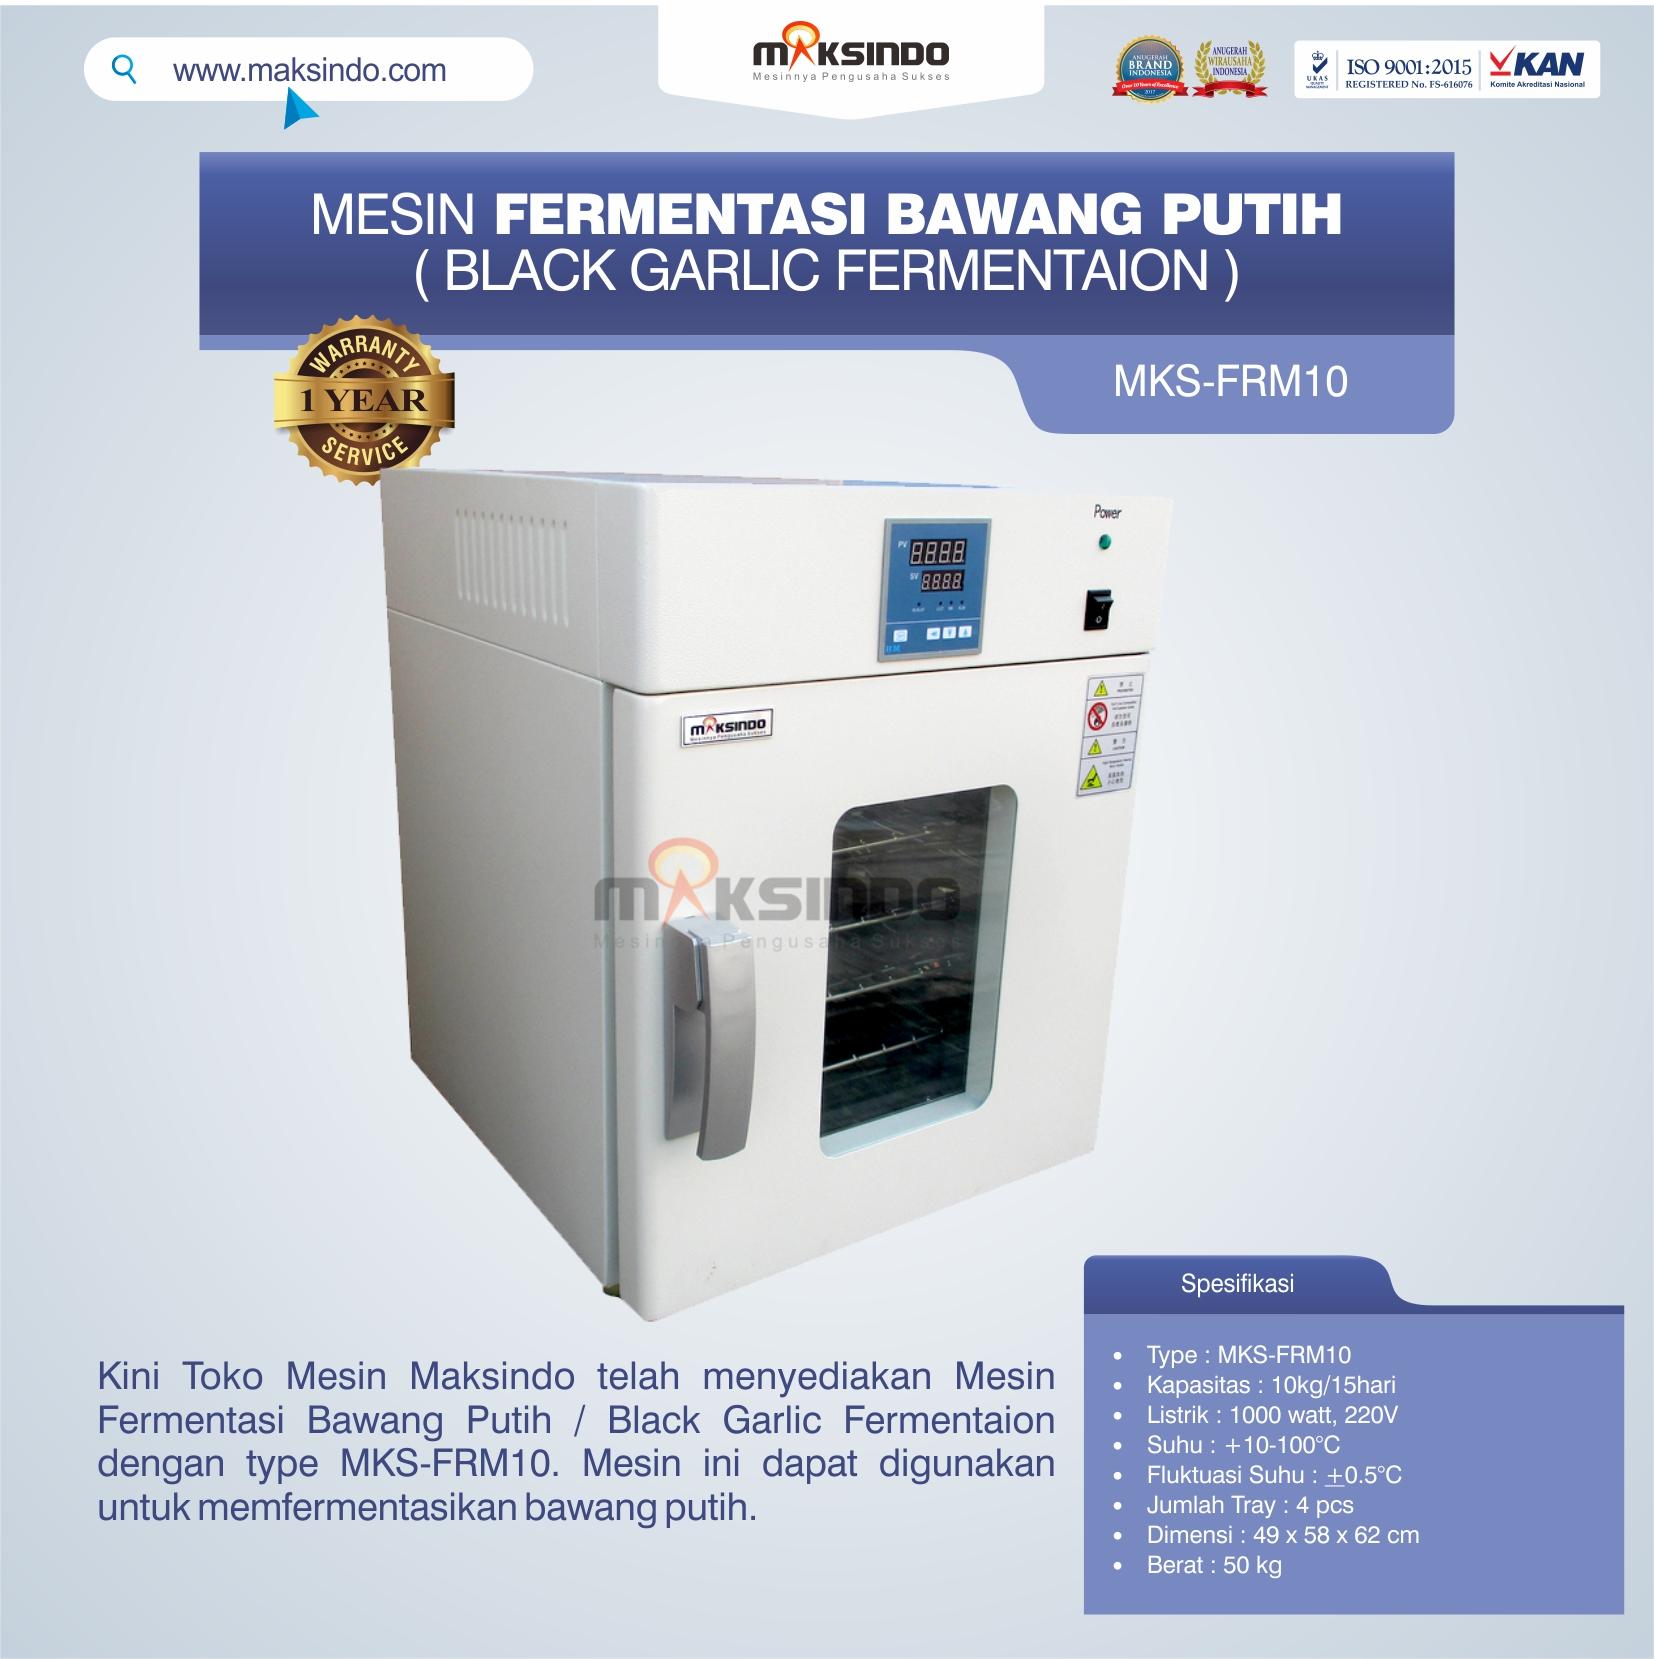 Jual Mesin Fermentasi Bawang Putih / Black Garlic Fermentaion MKS-FRM10 di Blitar